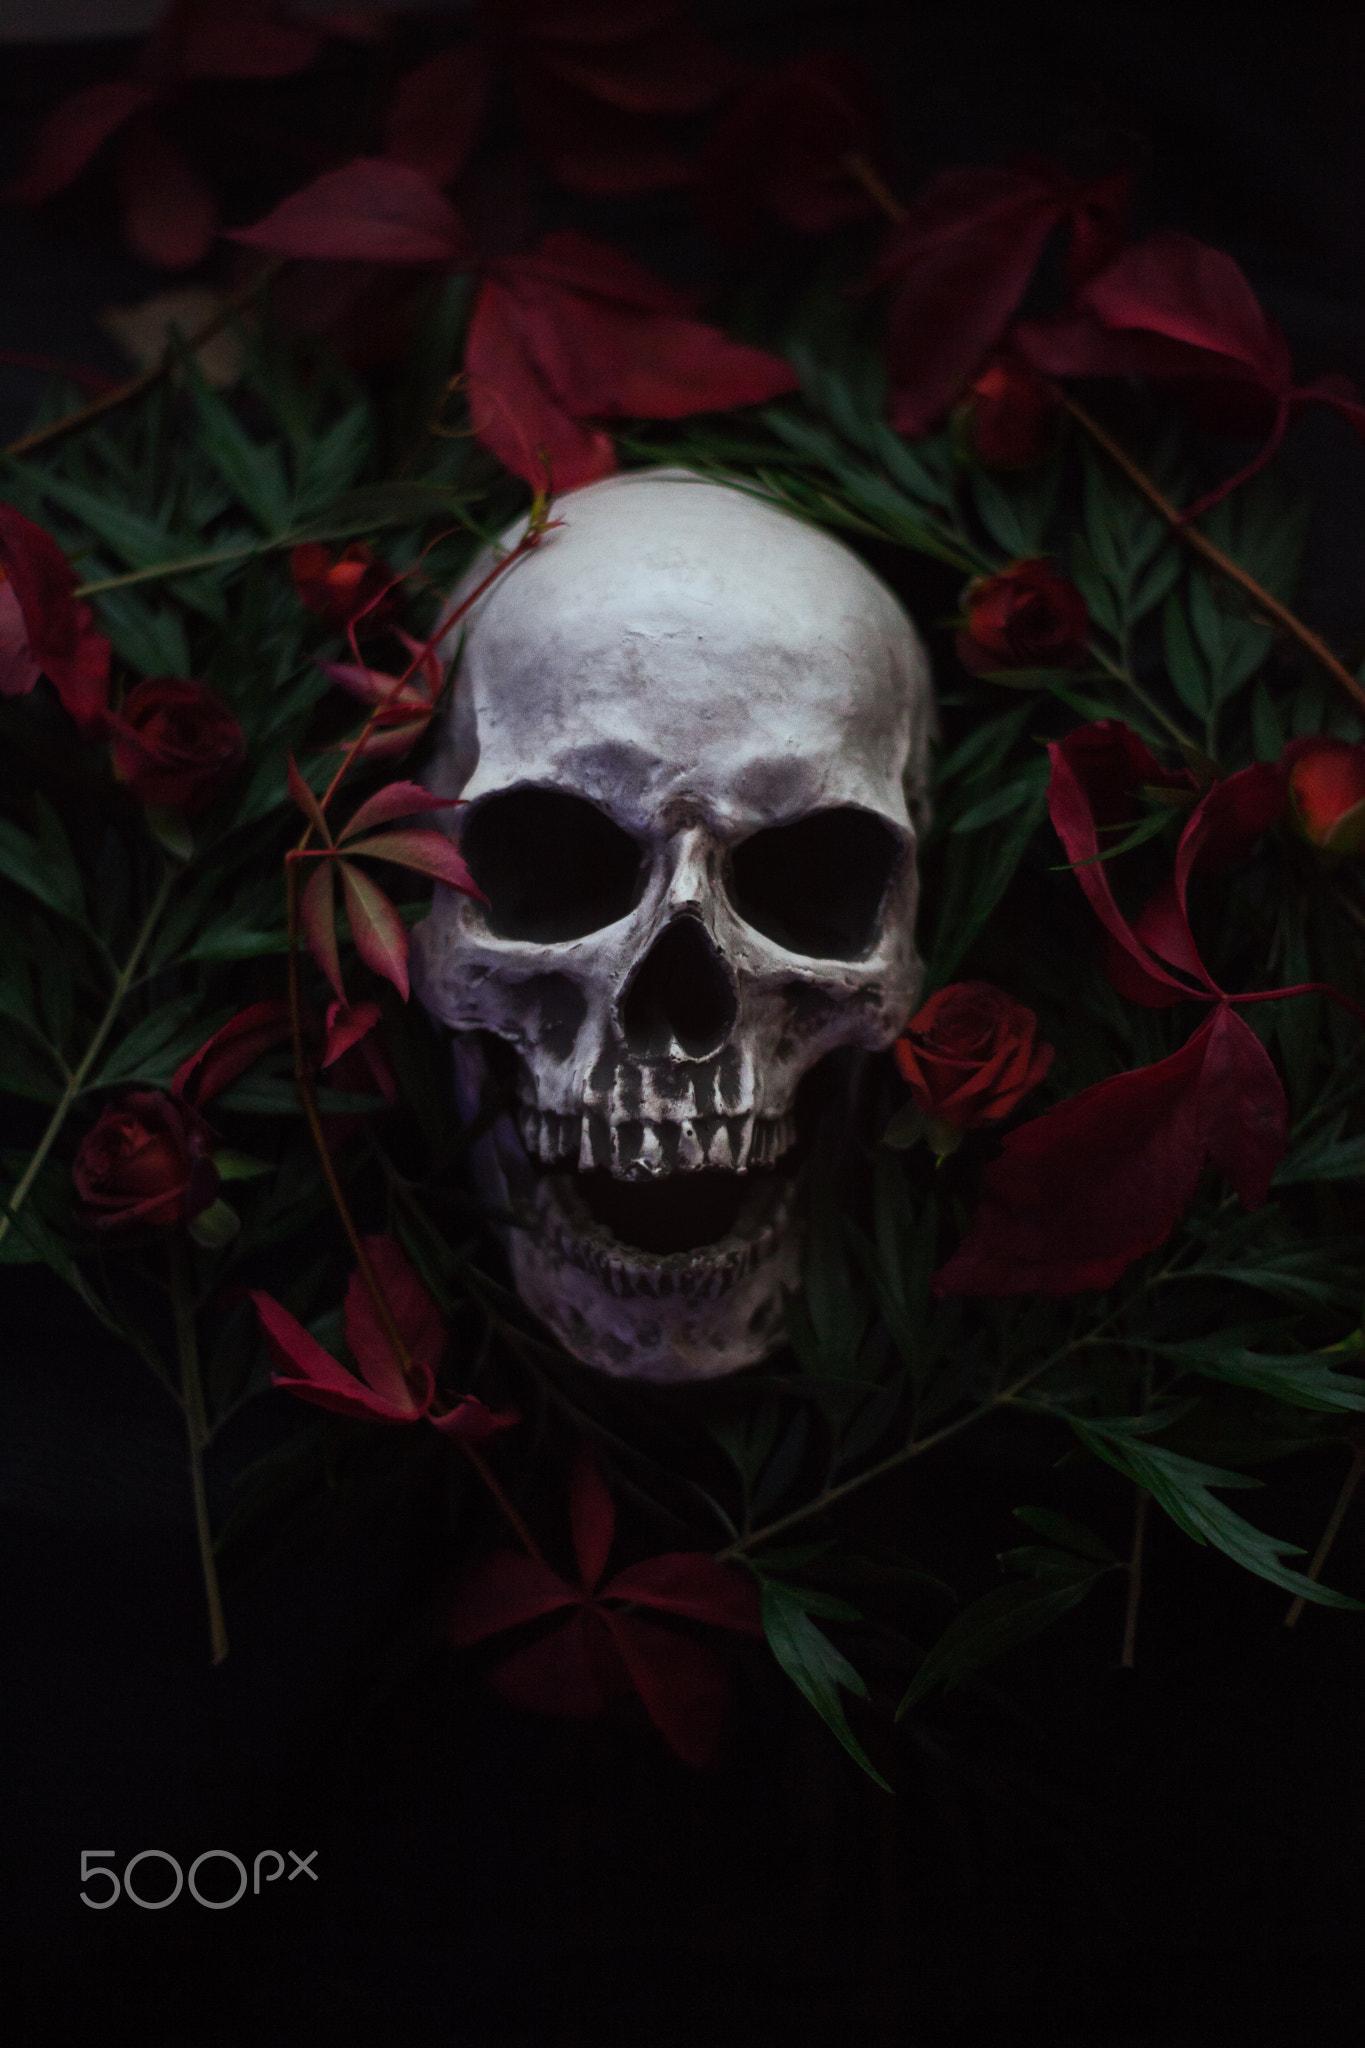 фото это фото красивых черепов на аву если пара приняла